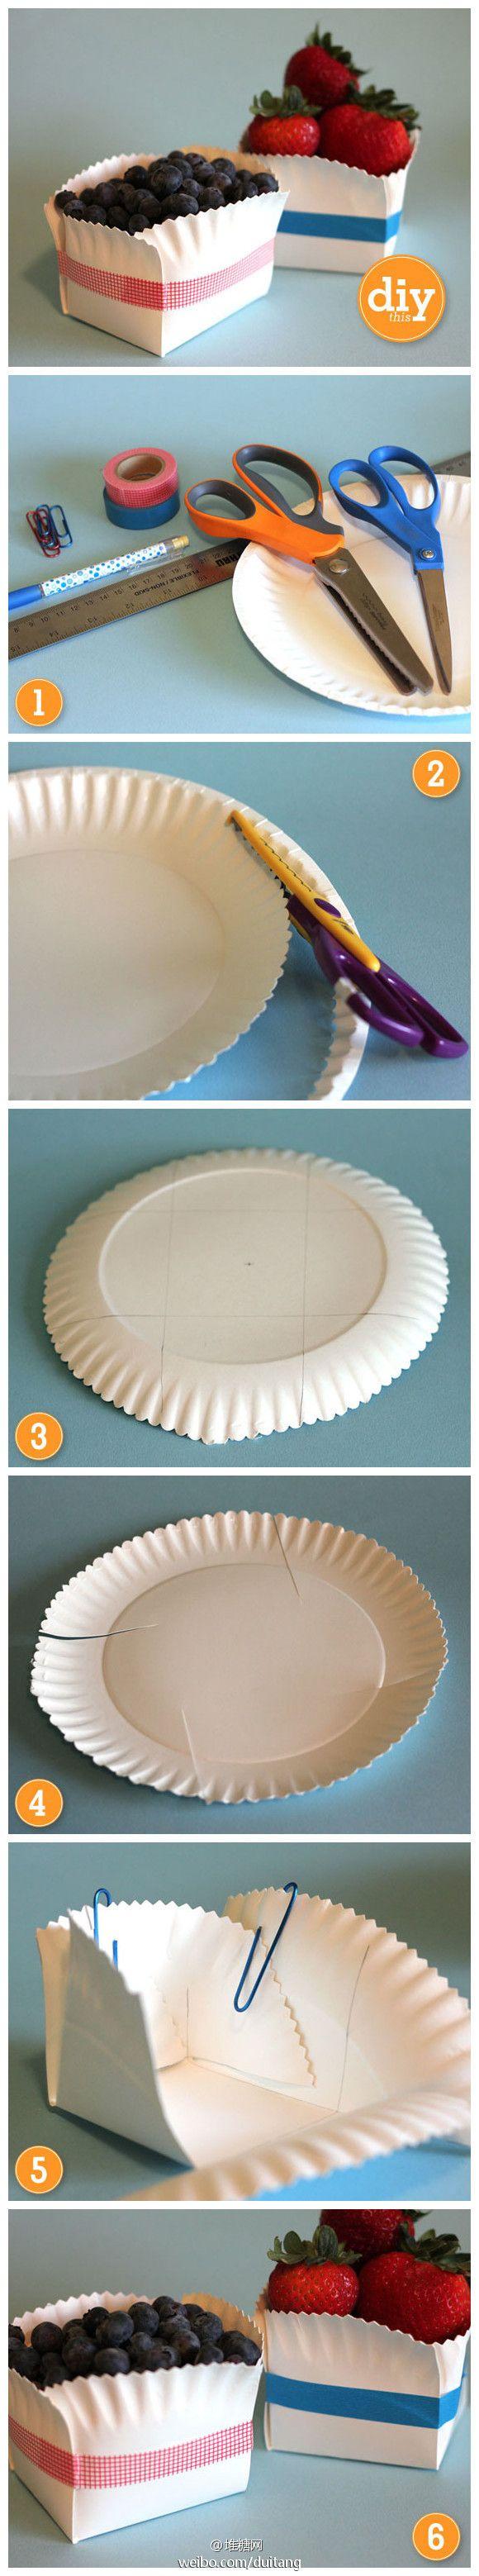 Transforme #pratos de papel em caixinhas fofas para servir frutas e guloseimas! #facavocemesmo #DIY #criatividade